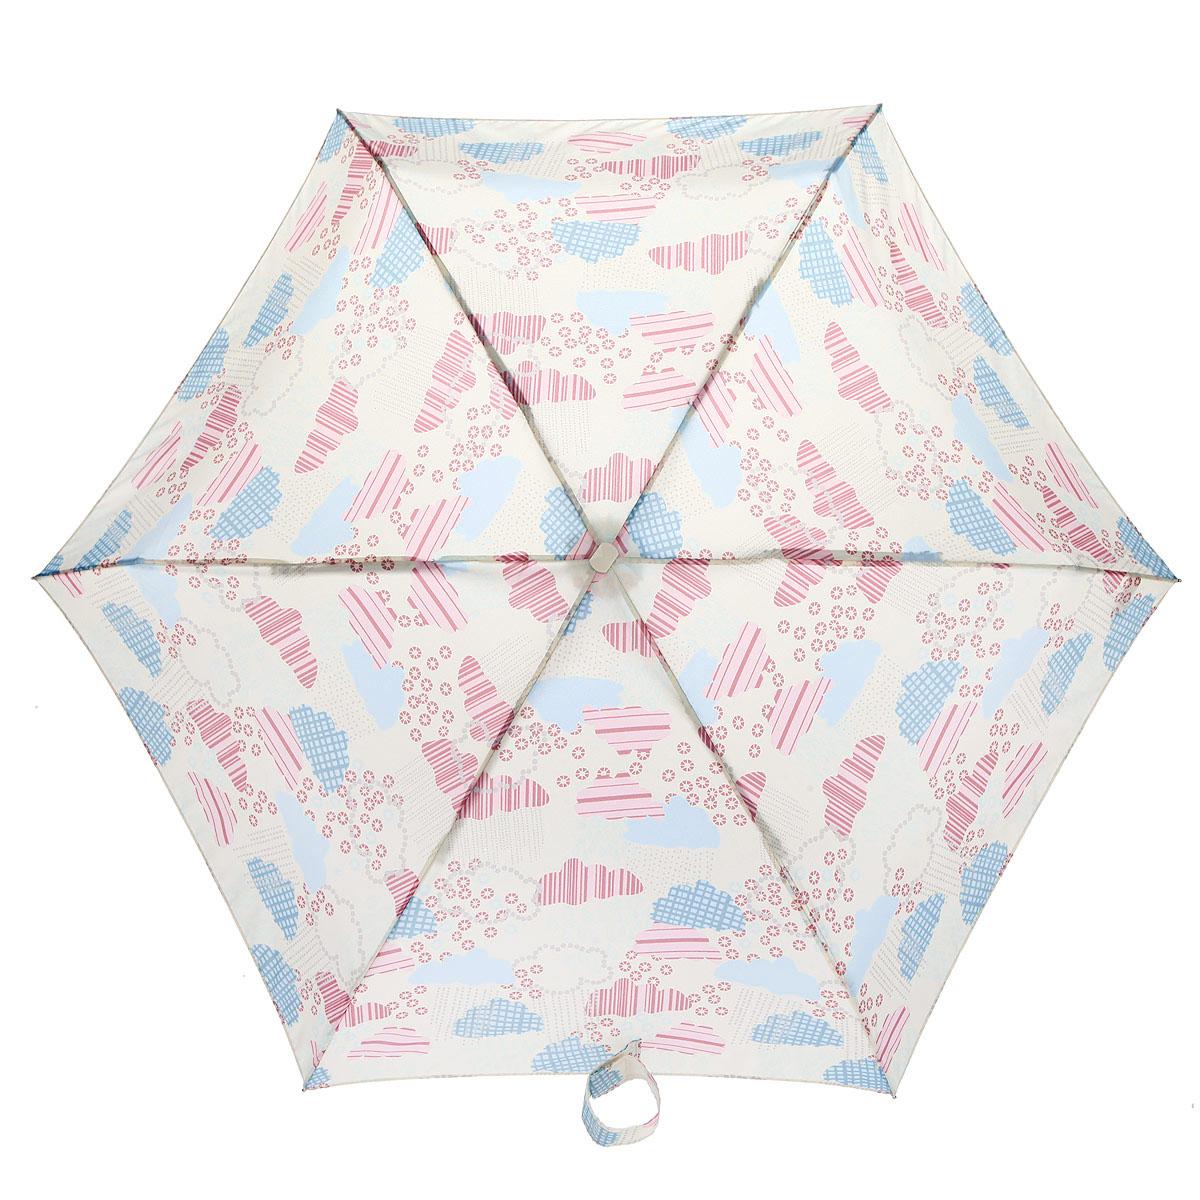 Зонт женский Fulton Tiny-2. Clouds, механический, 5 сложений, цвет: мультицвет. L501-292645100948B/32793/5900NОчаровательный механический зонт Tiny-2. Clouds в 5 сложений изготовлен из высокопрочных материалов. Каркас зонта состоит из 6 спиц и прочного алюминиевого стержня. Купол зонта выполнен из прочного полиэстера с водоотталкивающей пропиткой и оформлен оригинальным принтом. Рукоятка изготовлена из пластика.Зонт имеет механический механизм сложения: купол открывается и закрывается вручную до характерного щелчка.Небольшой шнурок, расположенный на рукоятке, позволяет надеть изделие на руку при необходимости. Модель закрывается при помощи хлястика на застежку-липучку. К зонту прилагается чехол.Прелестный зонт не только выручит вас в ненастную погоду, но и станет стильным аксессуаром, прекрасно дополнит ваш модный образ. Необыкновенно компактный зонт с легкостью поместится в маленькую сумочку.